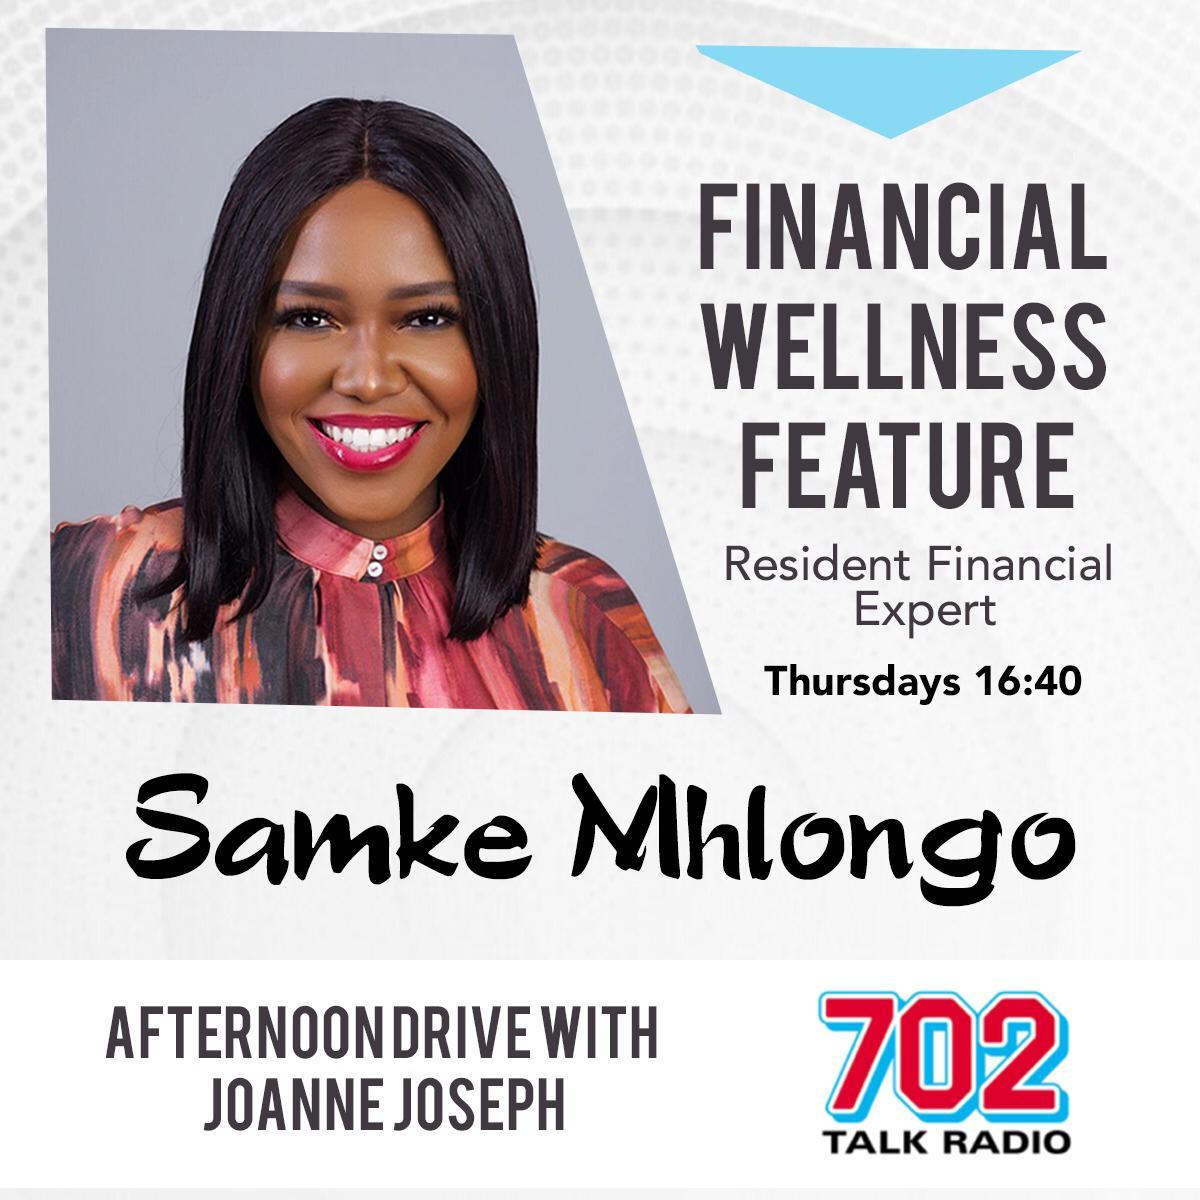 Samke Mhlongo